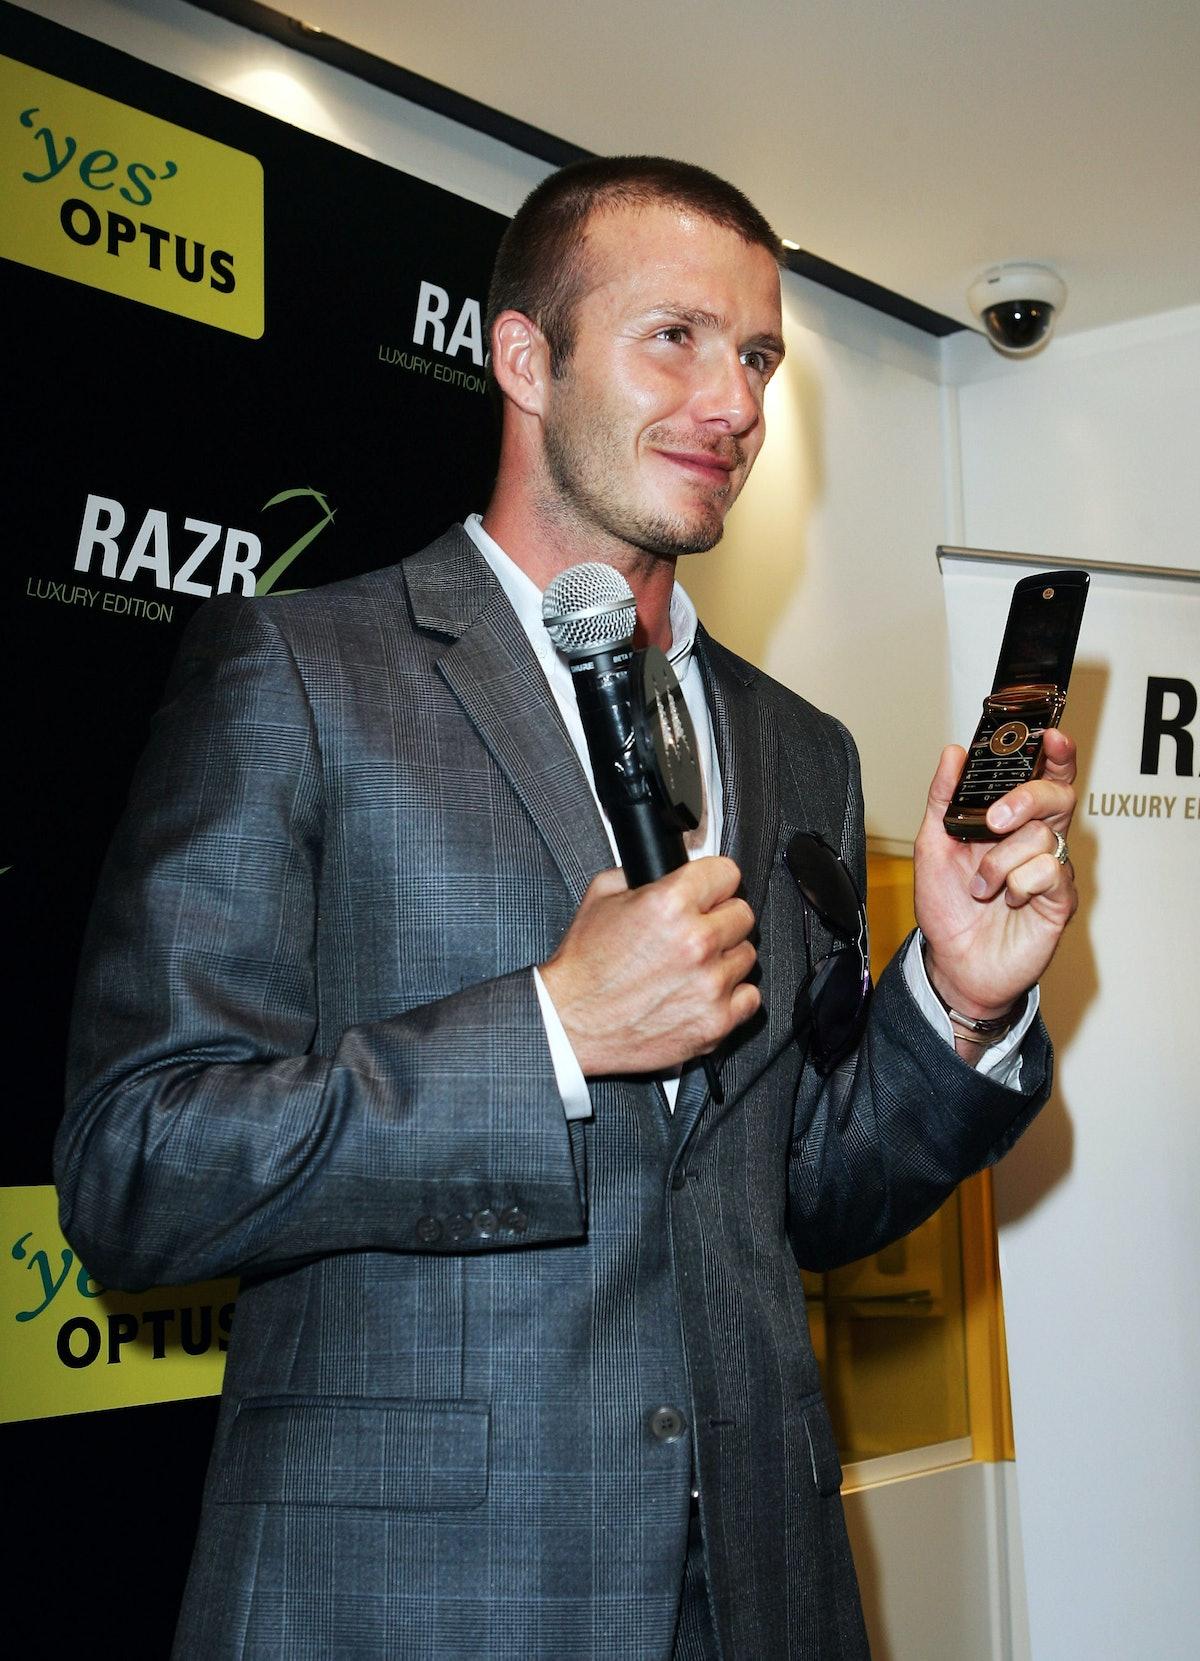 David Beckham Photo Call & Motorola Launch